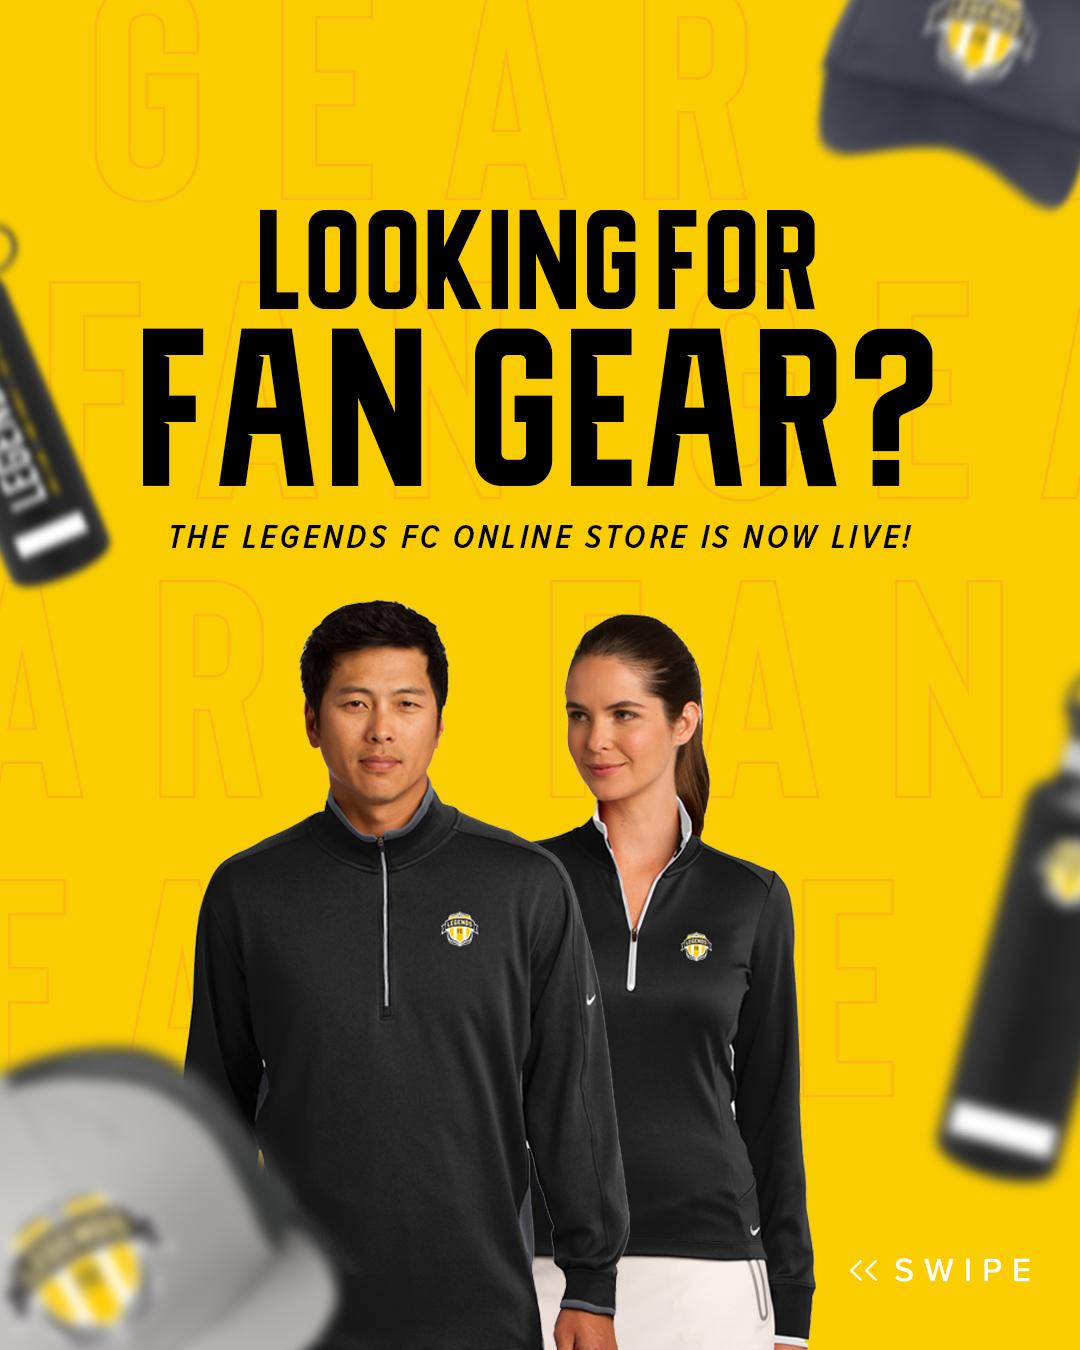 fan-gear-launch-social-media-1.jpg